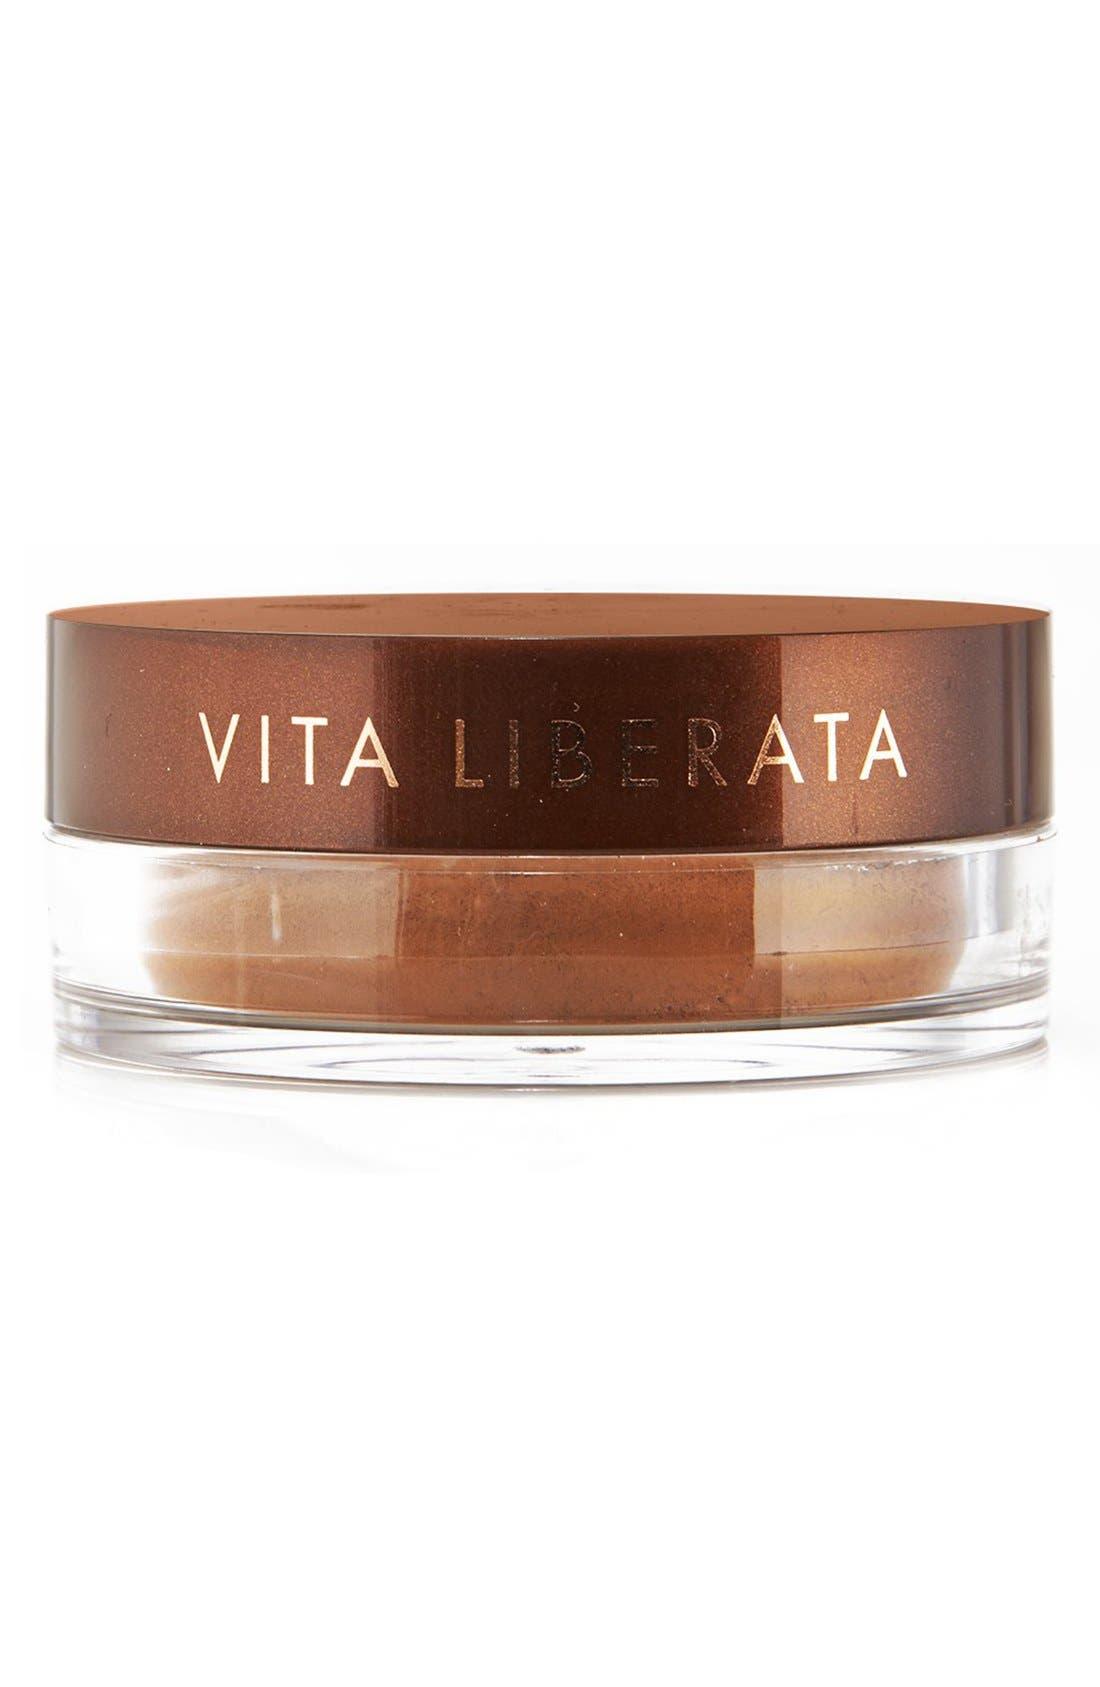 VITA LIBERATA Trystal™ Minerals Self Tanning Bronzing Minerals